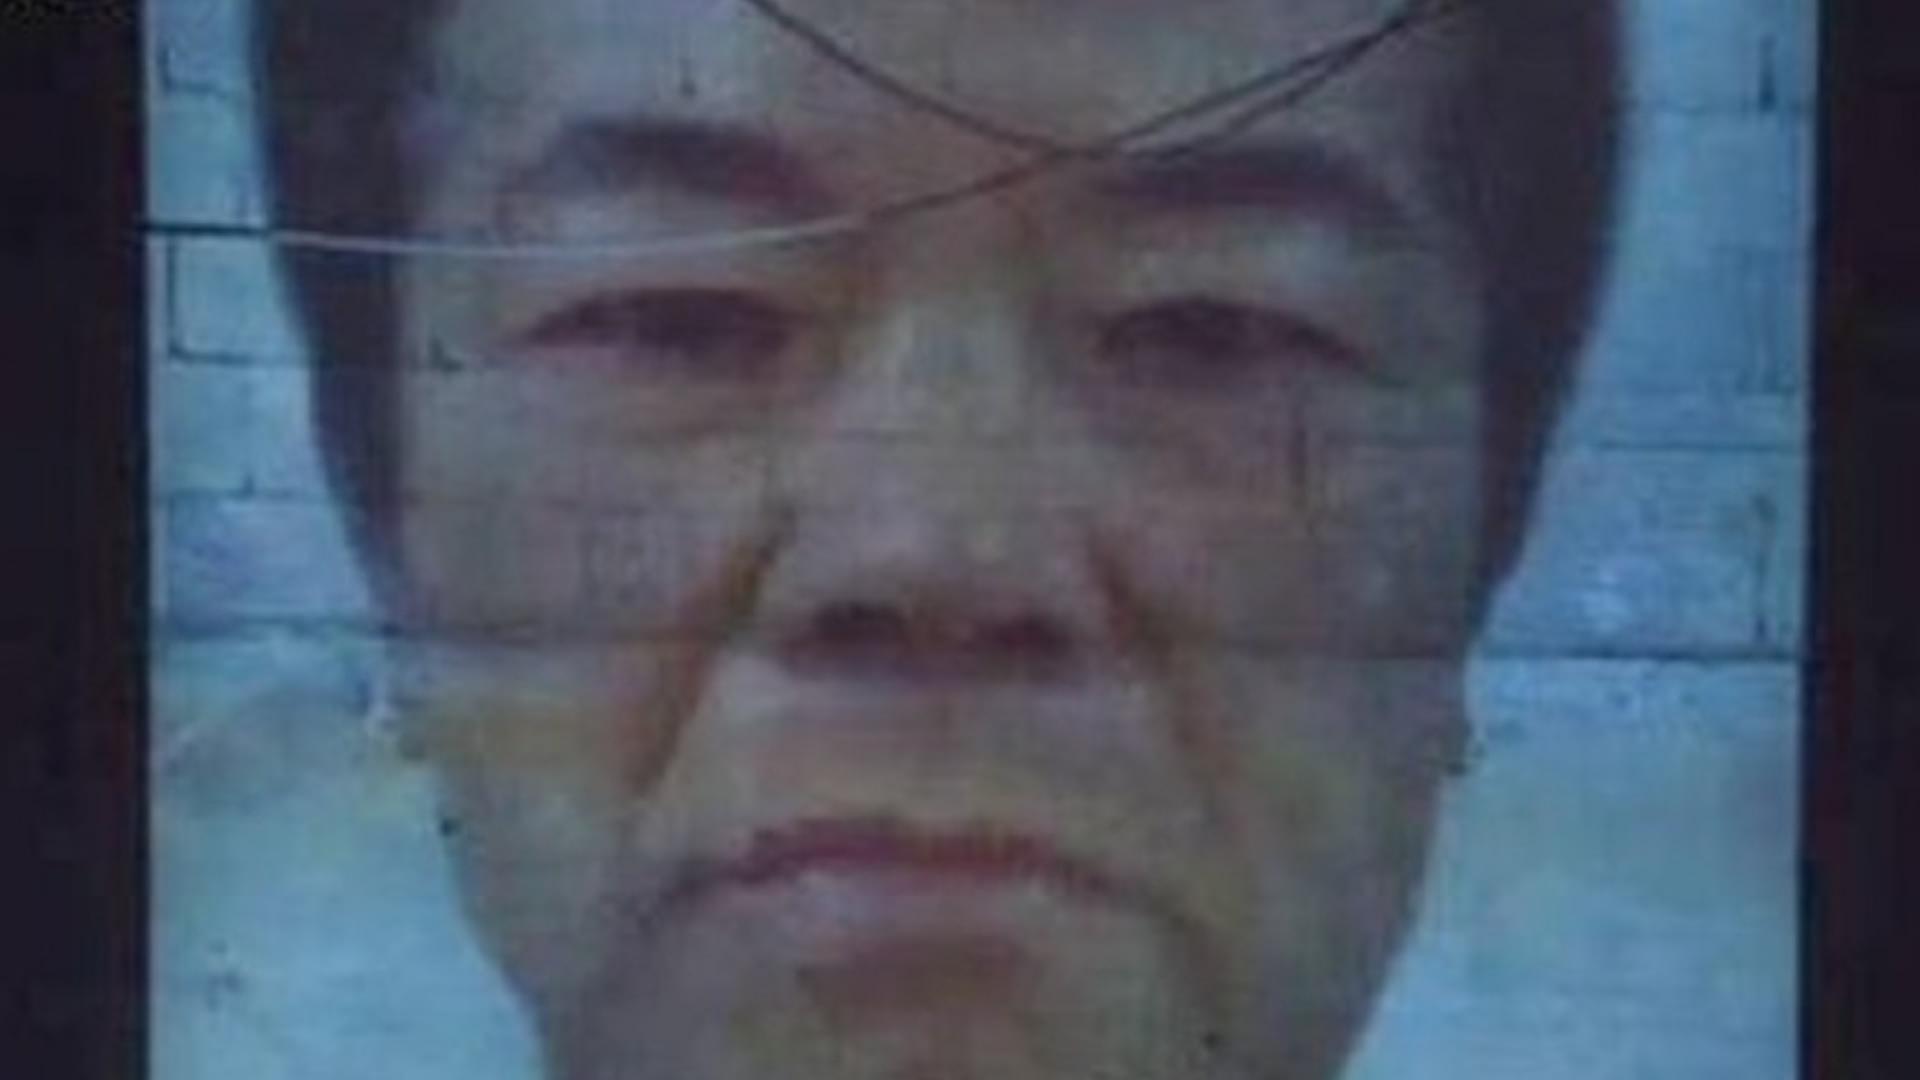 圖/翻攝自韓網 他害女童終生用尿袋! 南韓殘暴性侵犯將出獄